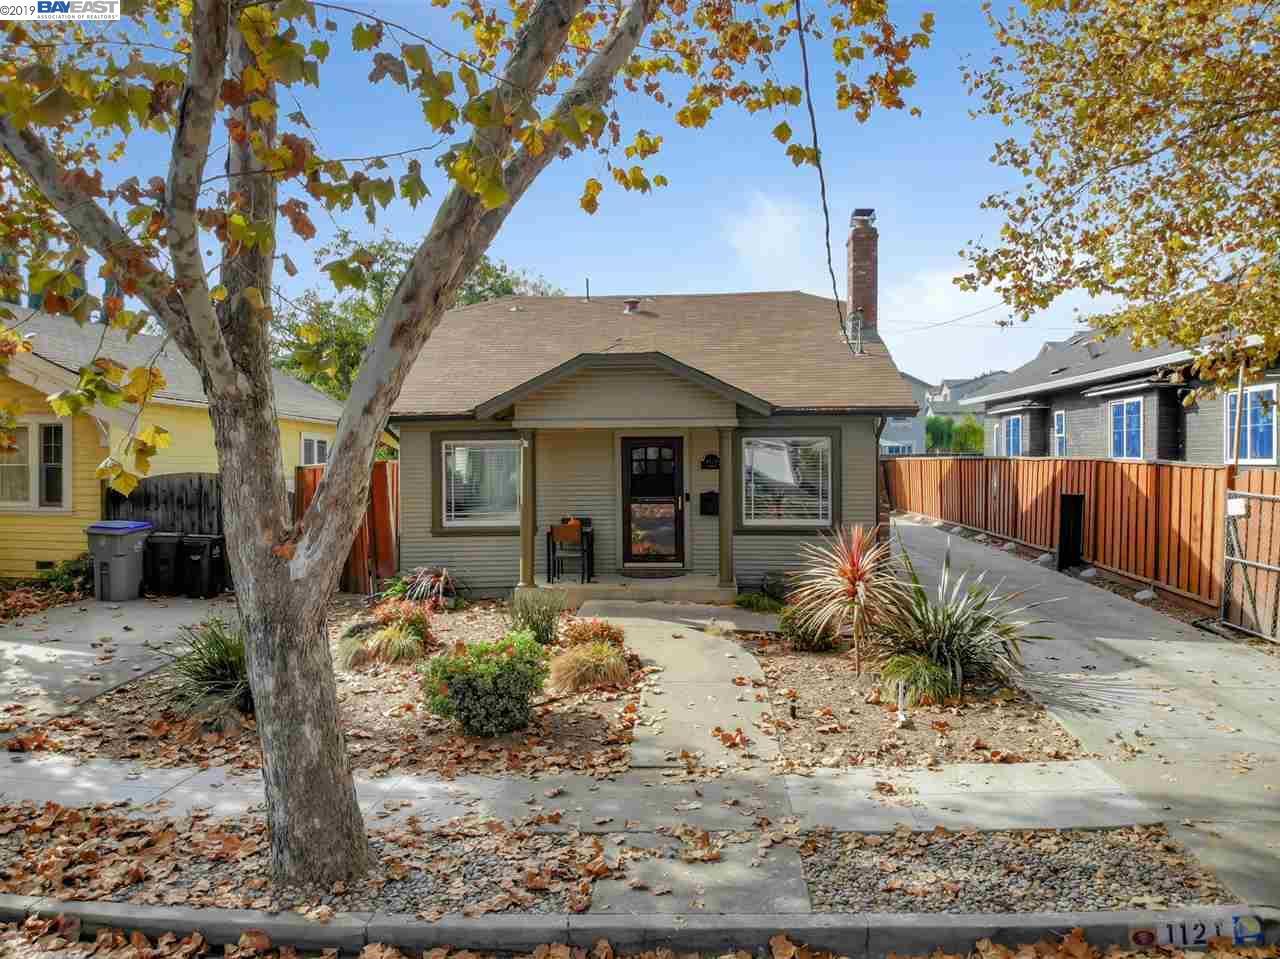 1121 Clark St San Jose, CA 95125